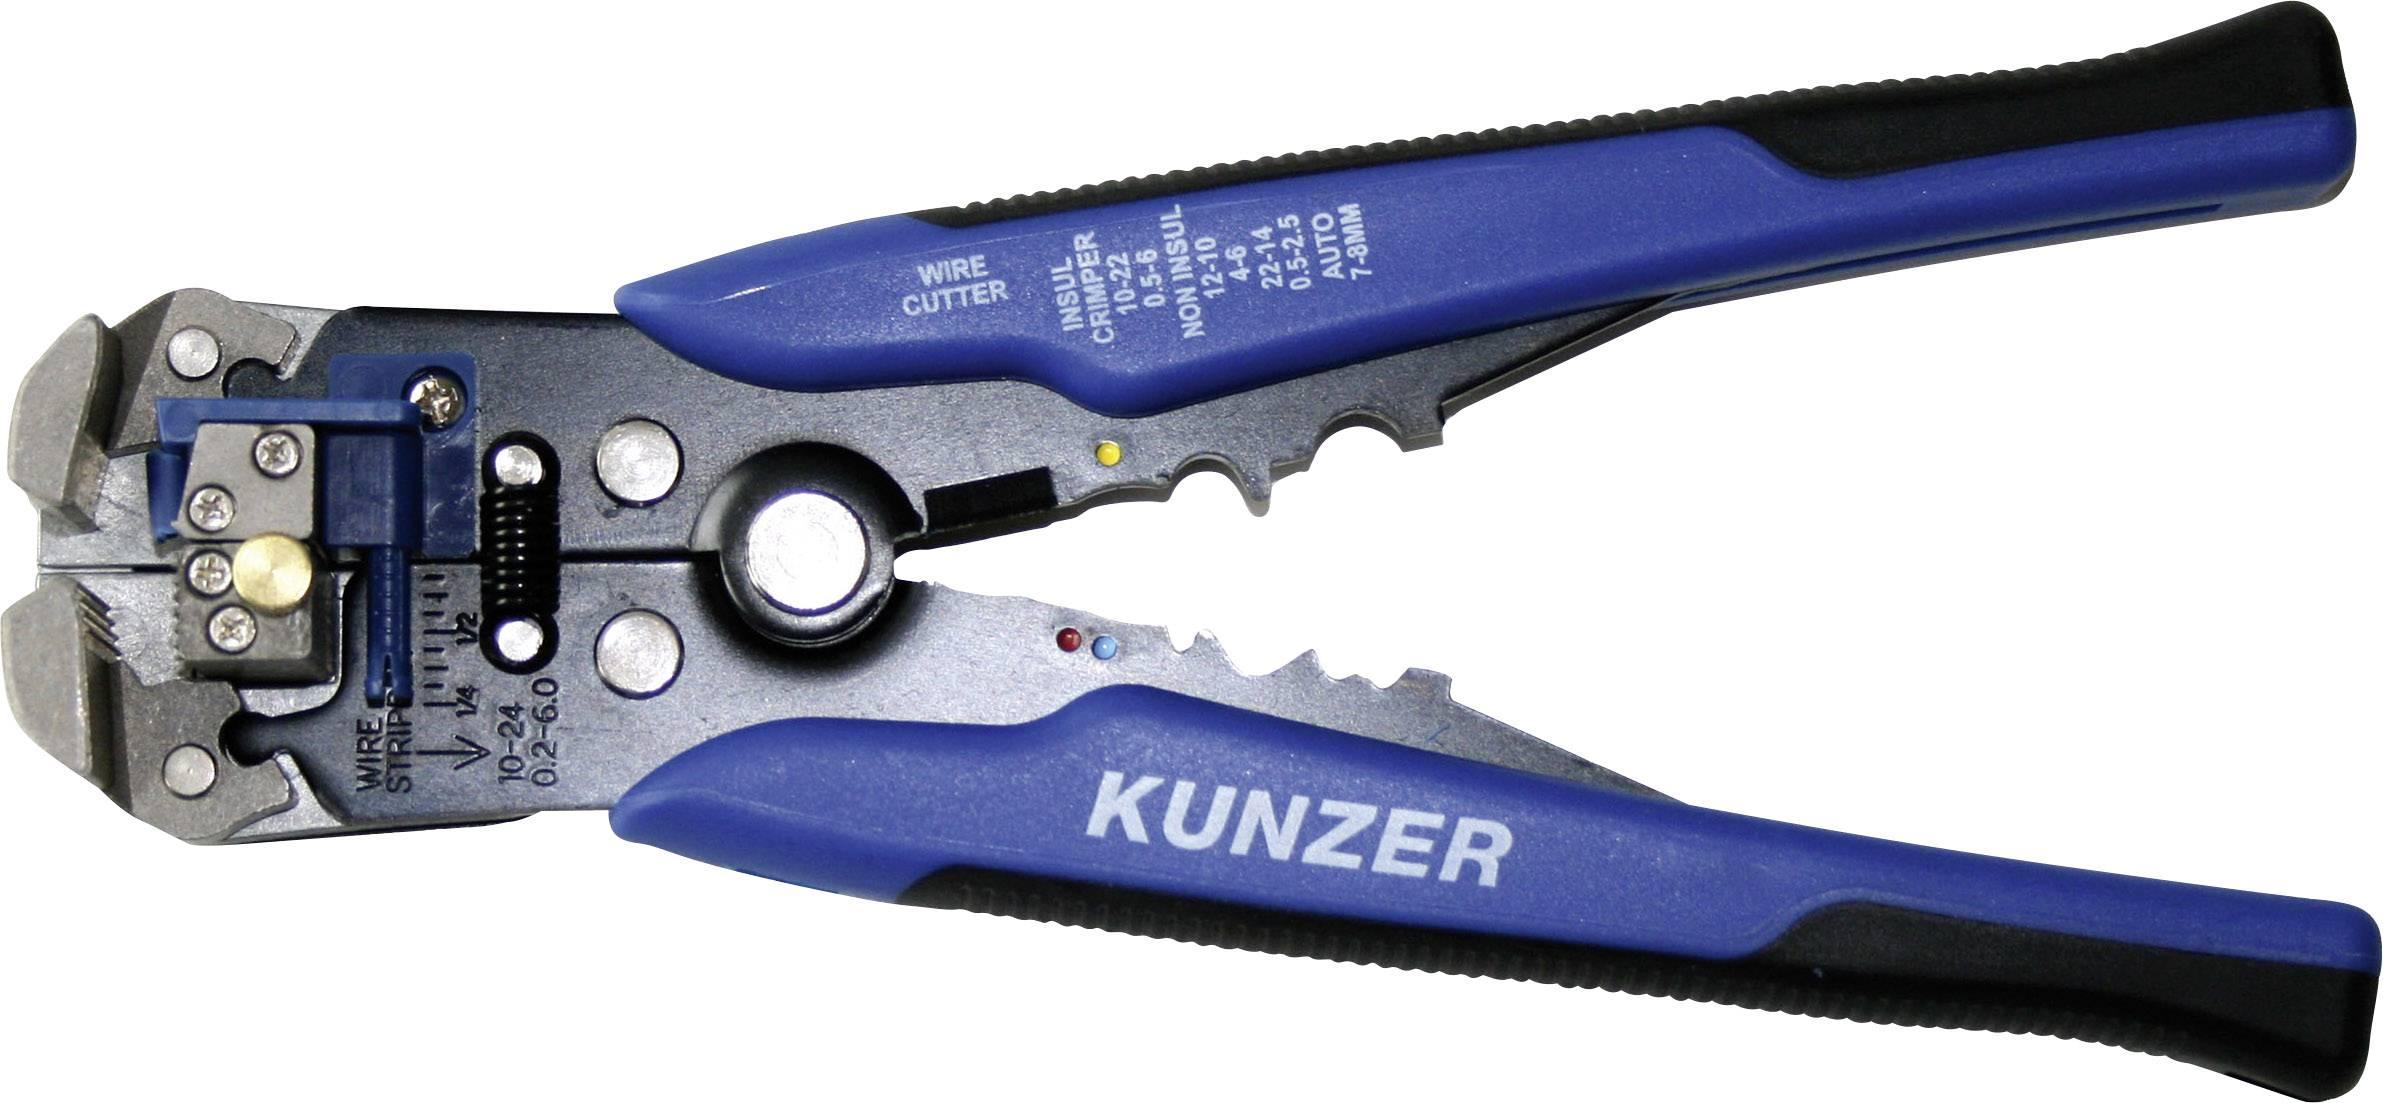 Krimpovací kleště a kleště na odstranění izolace Kunzer 7AIZ01, průřez AWG mm